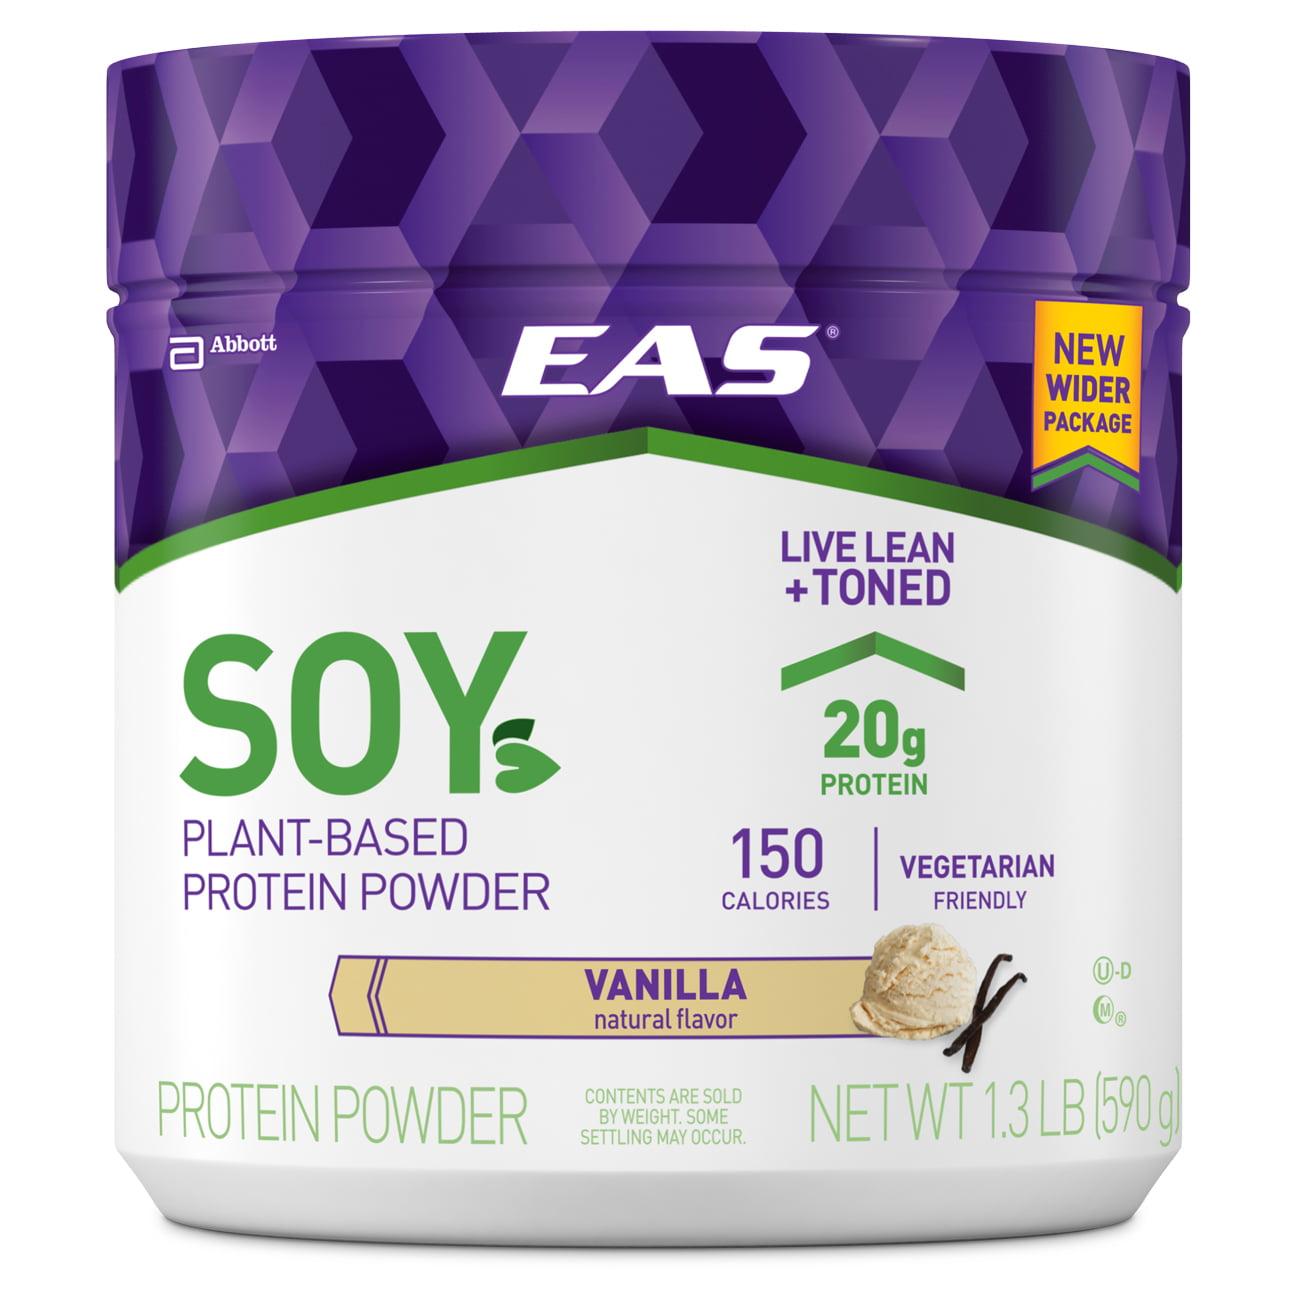 Eas whey protein powder review